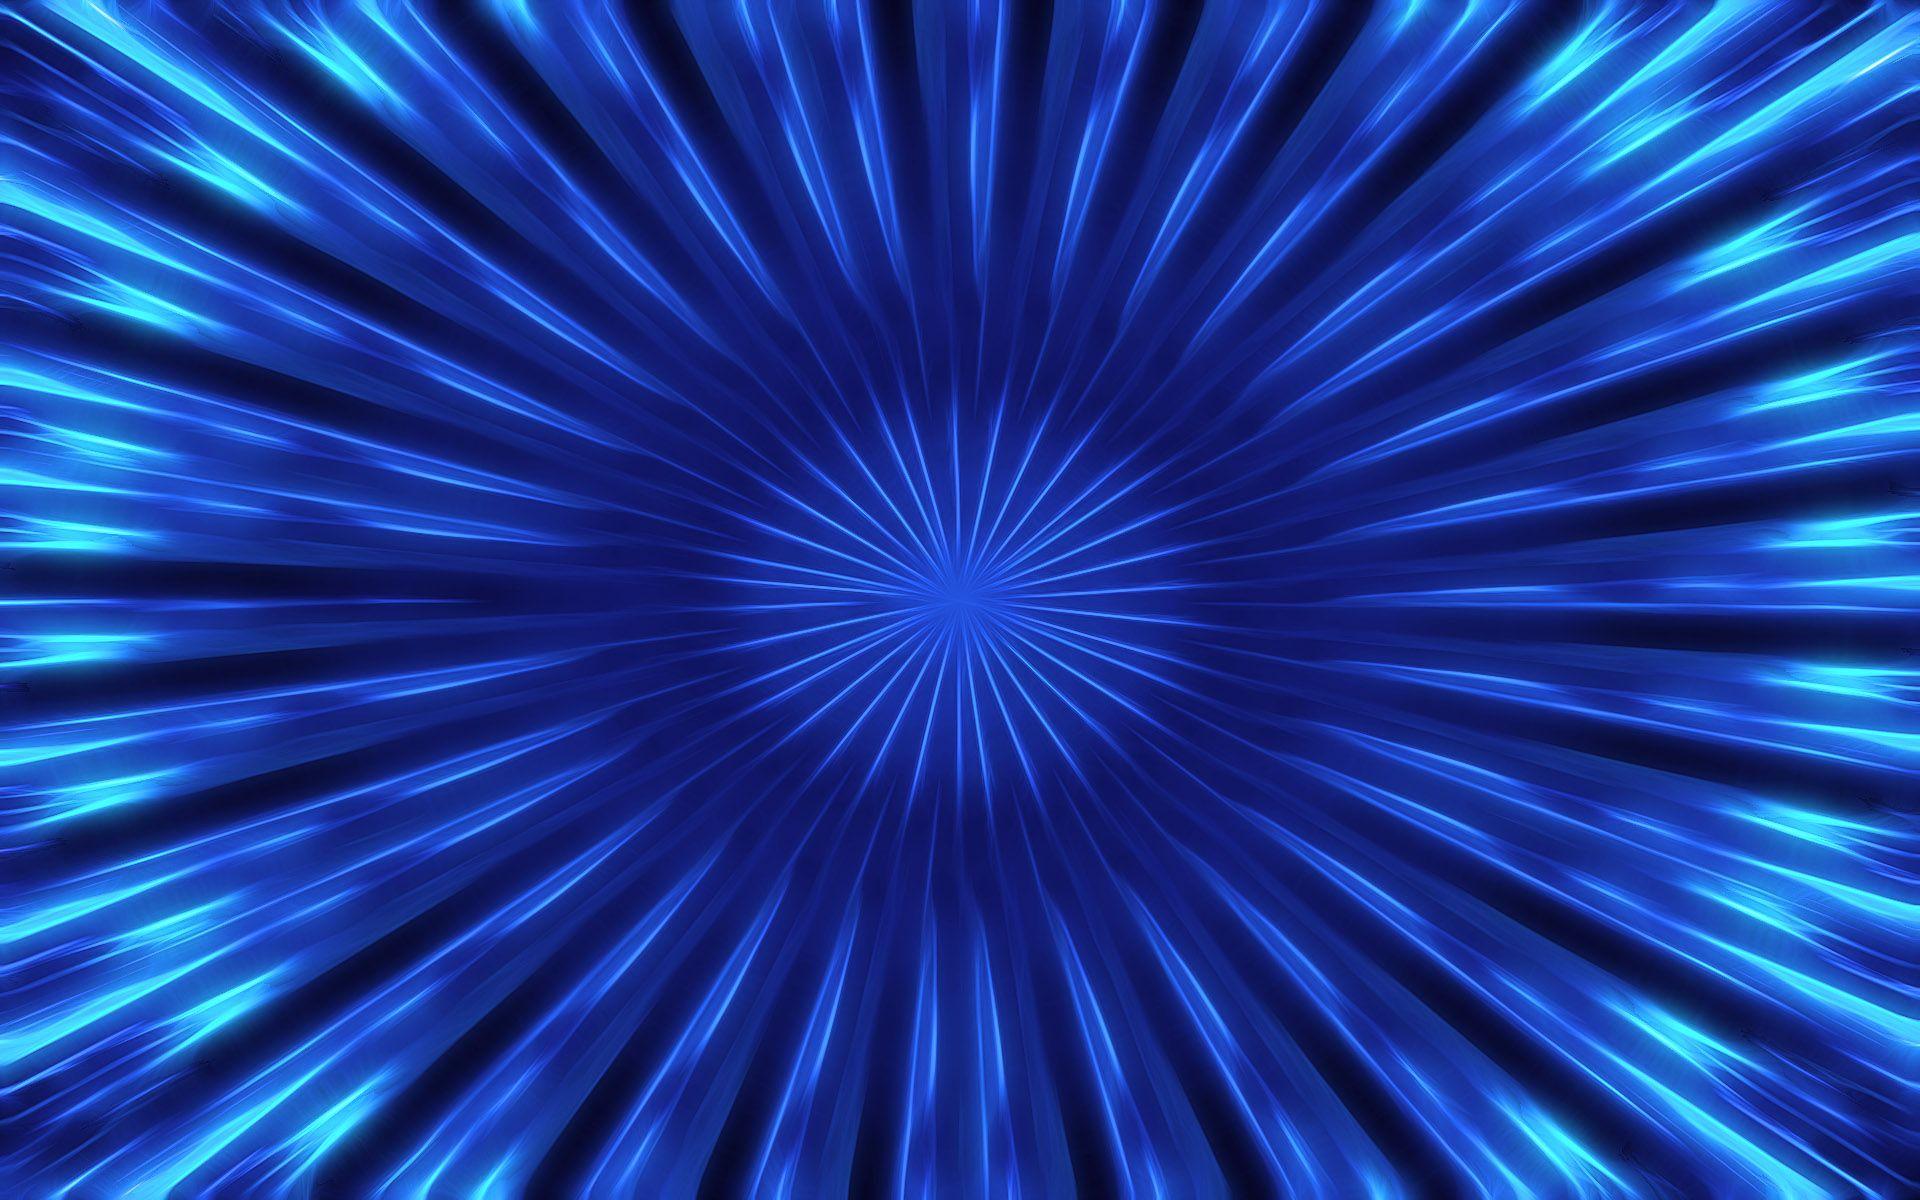 Cobalt Blue Abstract Wallpaper: Abstract Blue Wallpaper